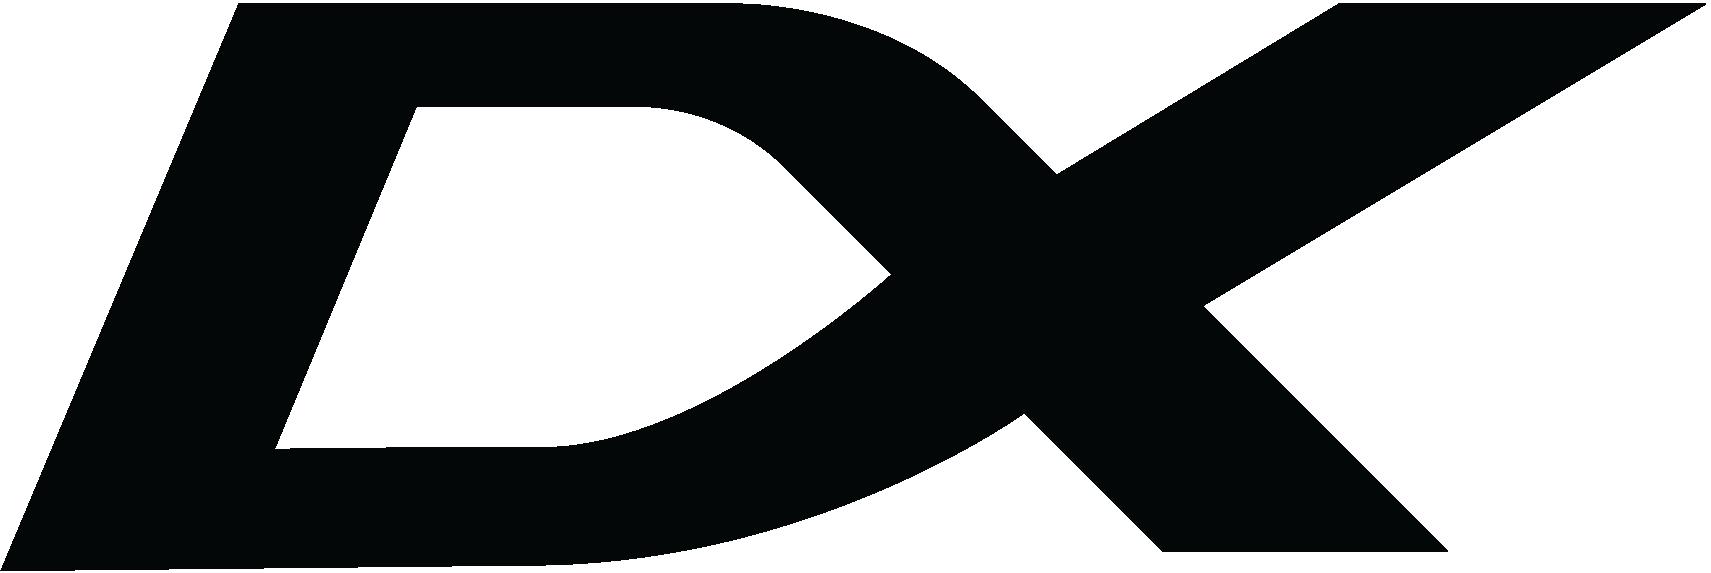 DX-logo w1700.png